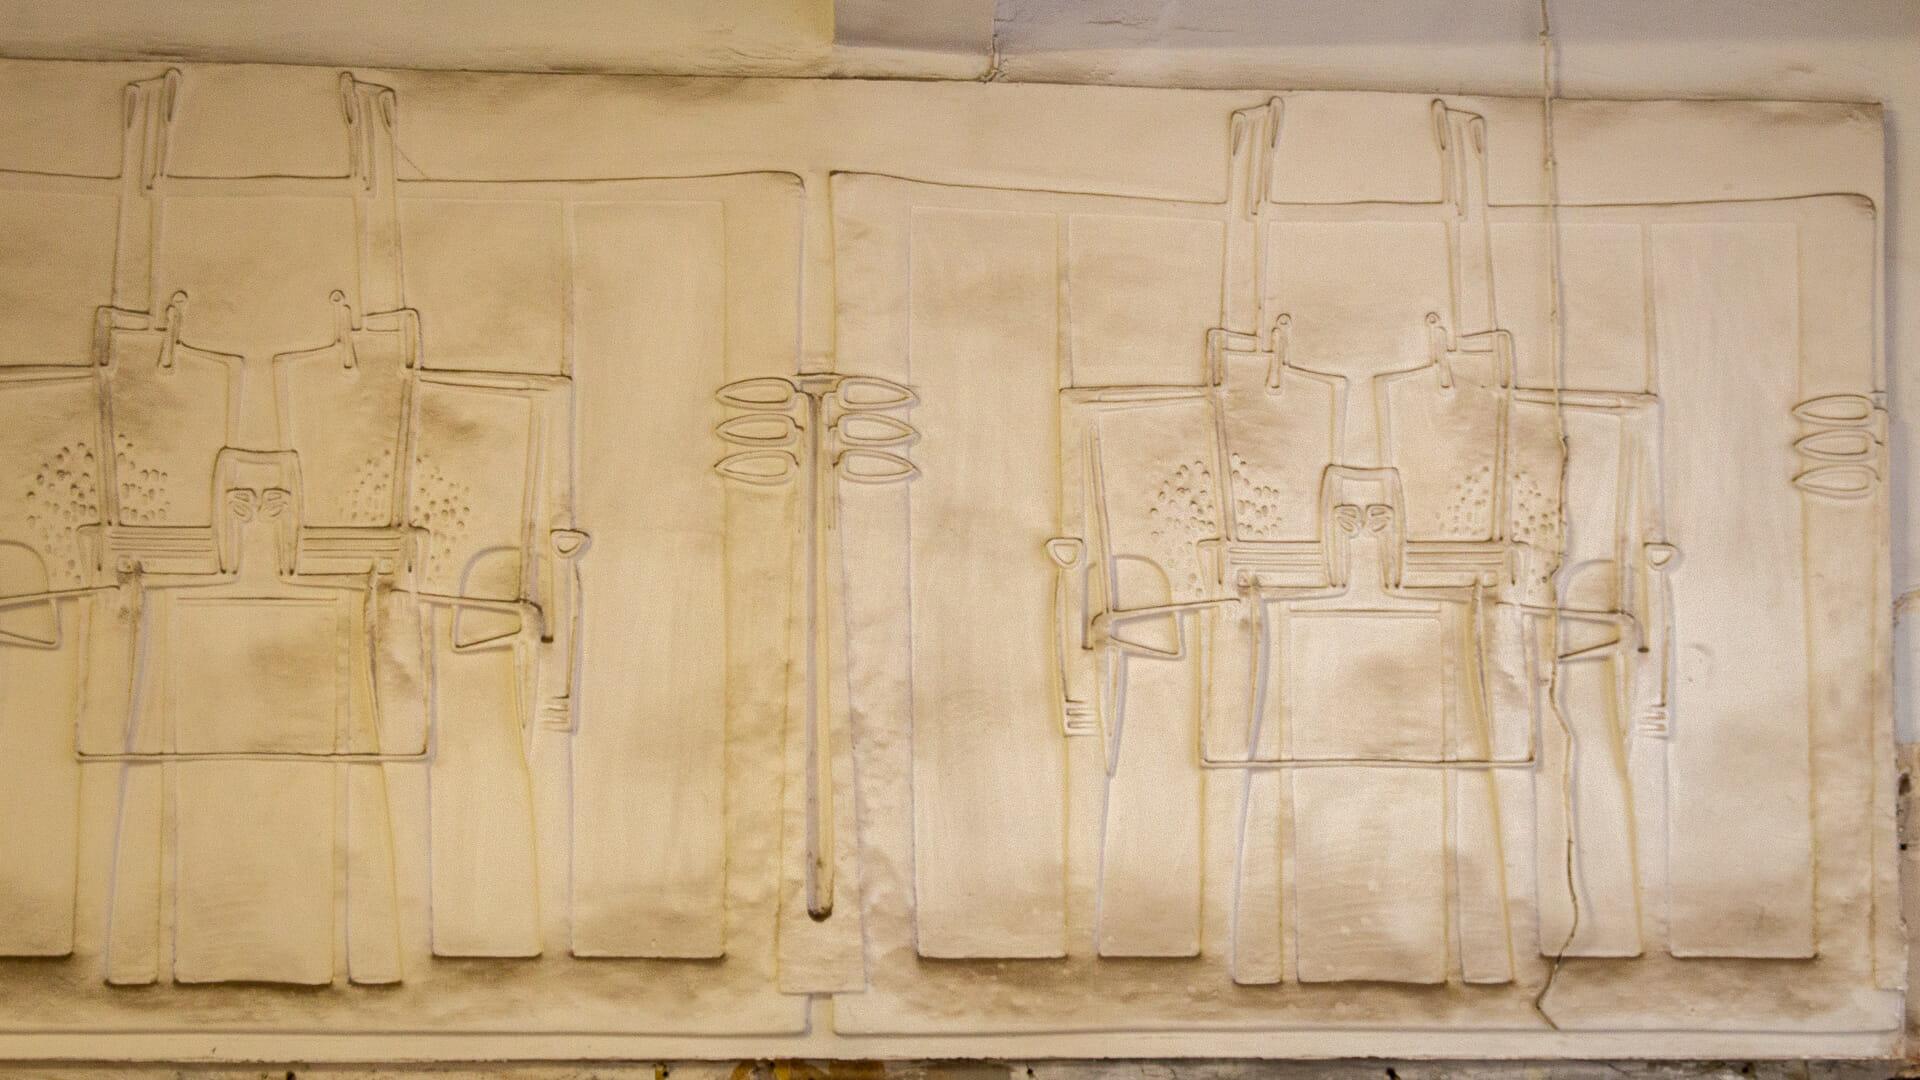 Wandschmuck im Erdgeschoss